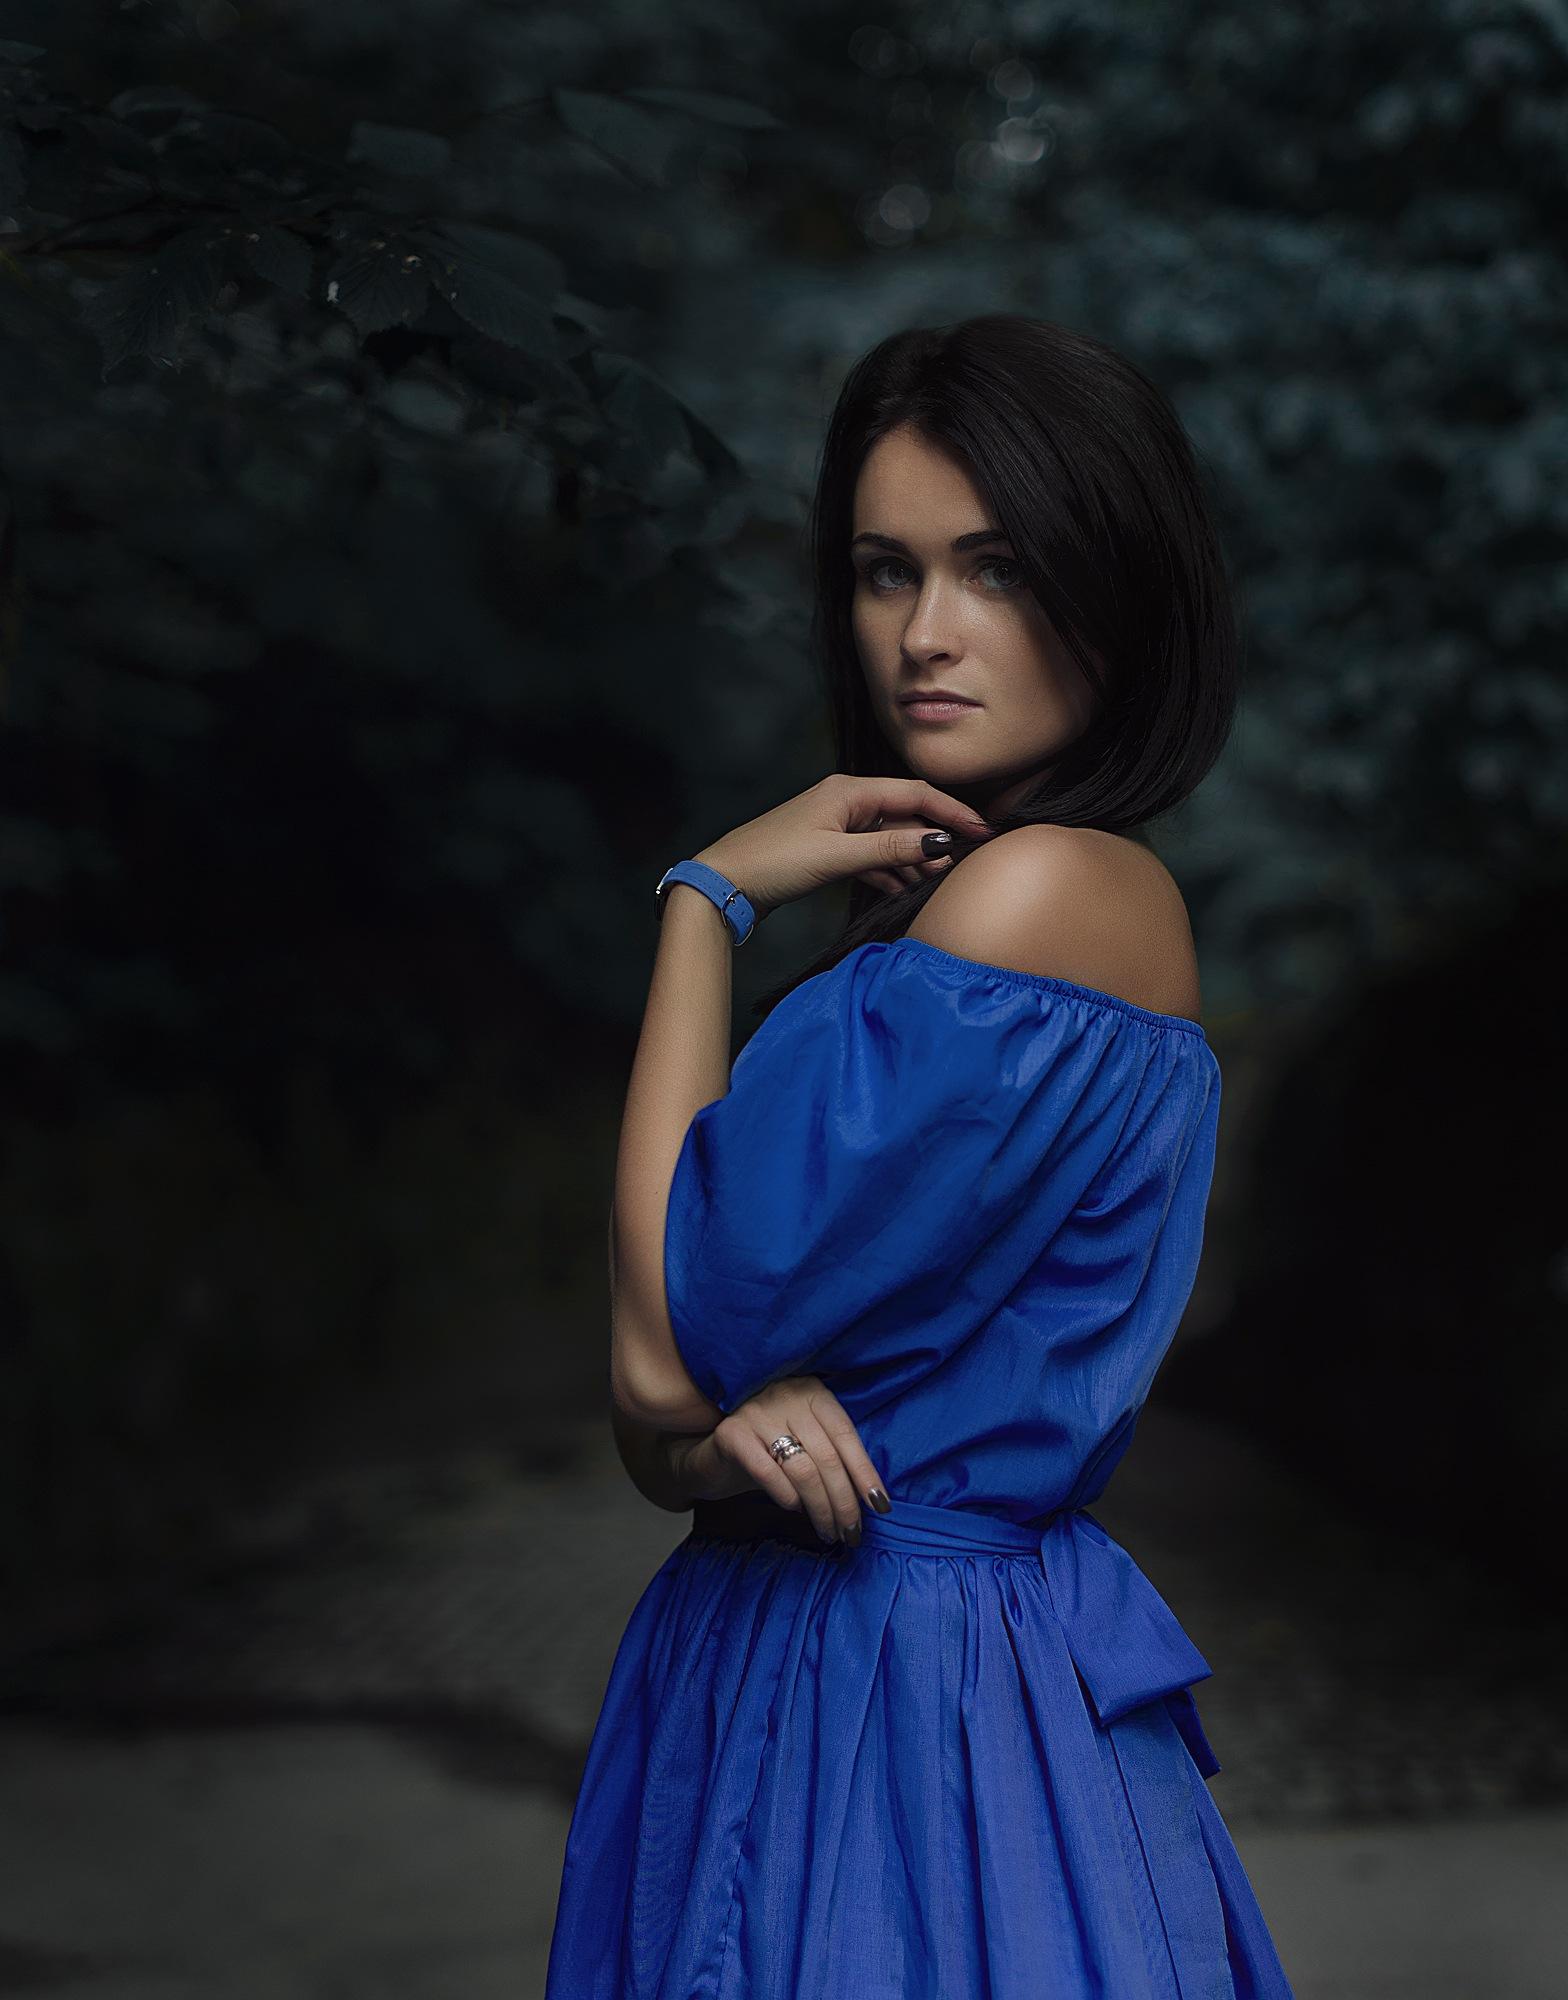 Lady in blue by Igor  Shnayder